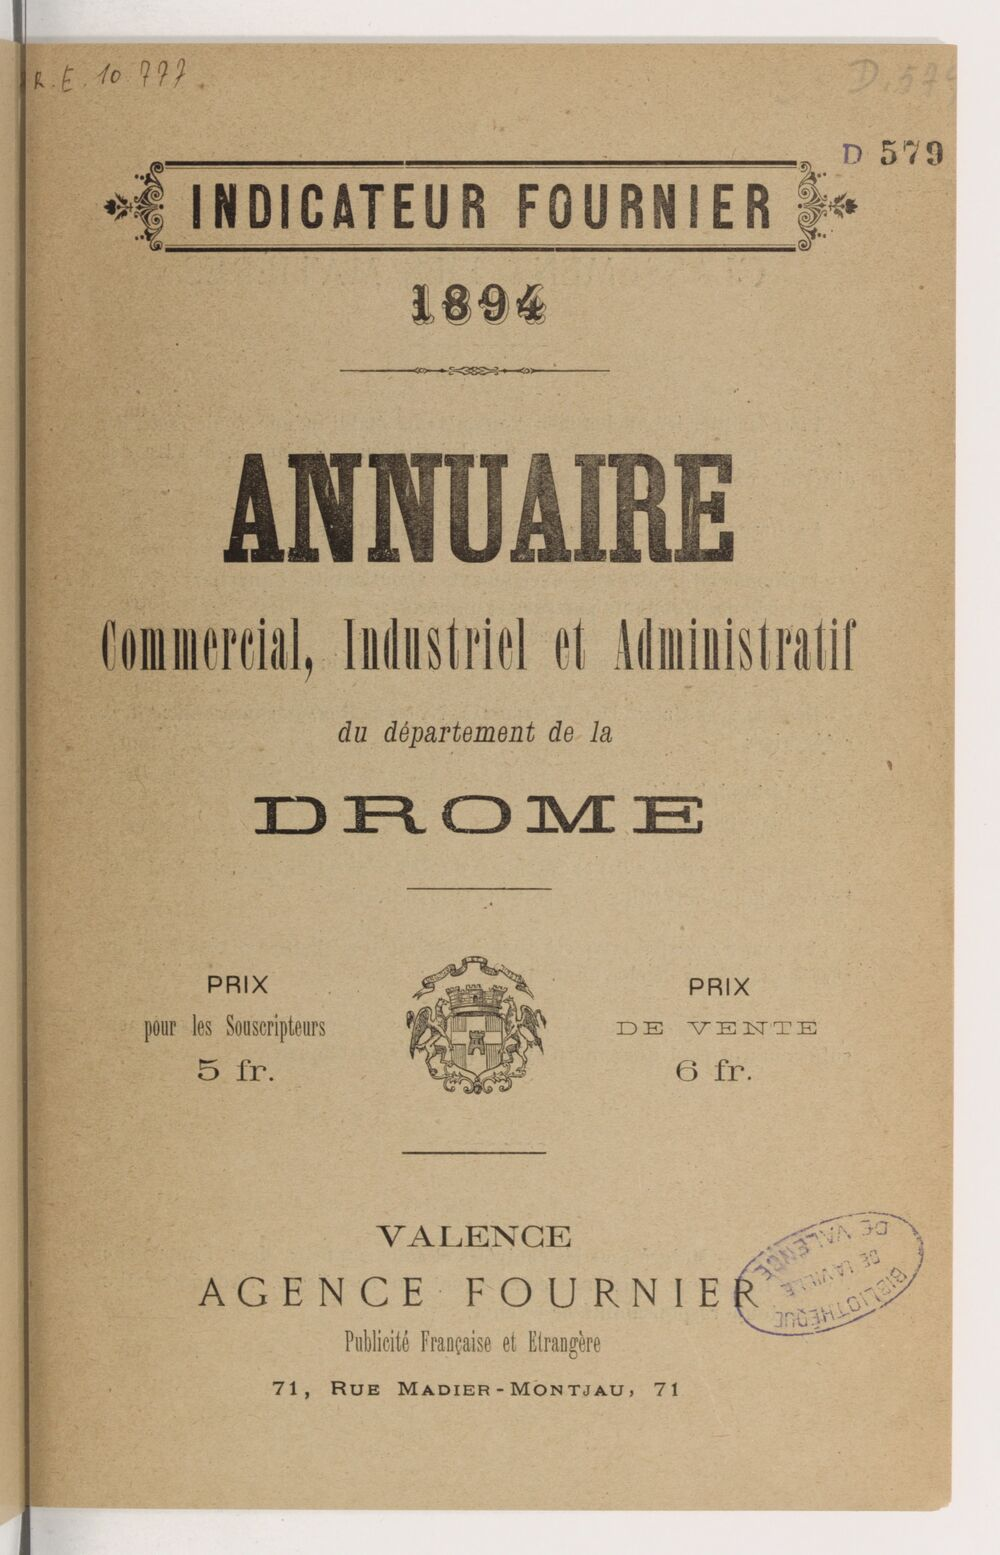 Annuaire commercial, industriel et administratif du département de la Drôme